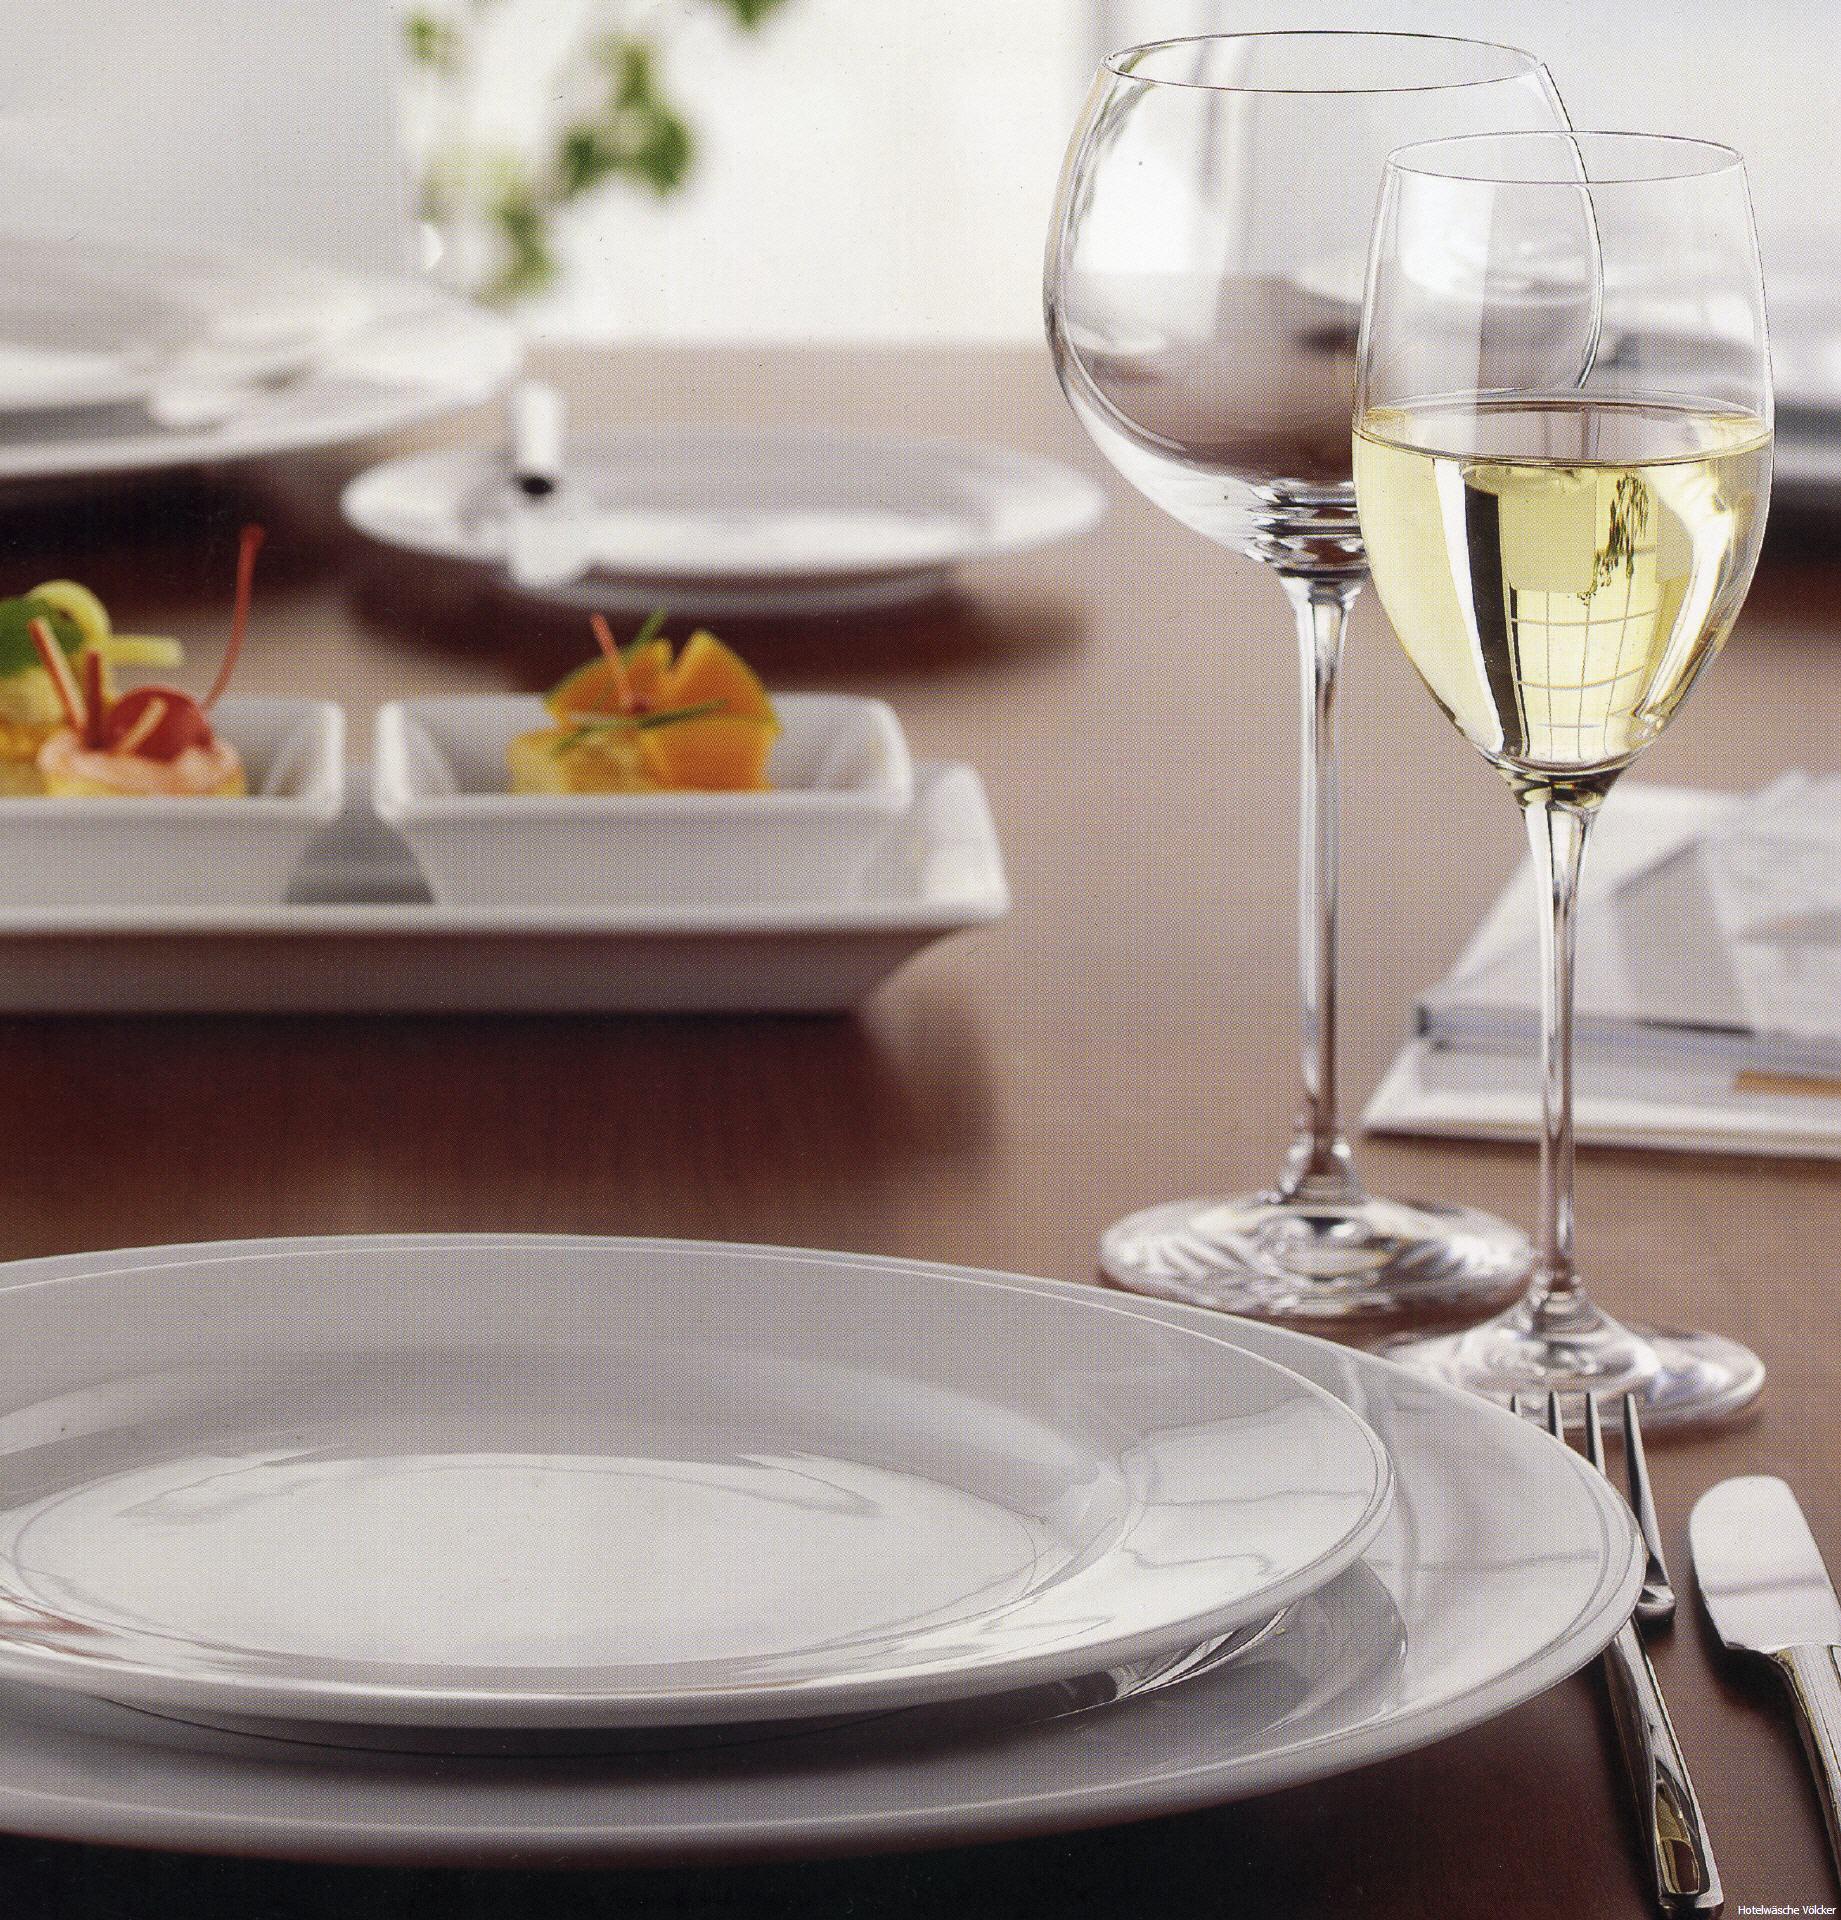 seltmann weiden porzellan hotel gastronomie restaurant gastrotex ihr hotelw sche. Black Bedroom Furniture Sets. Home Design Ideas